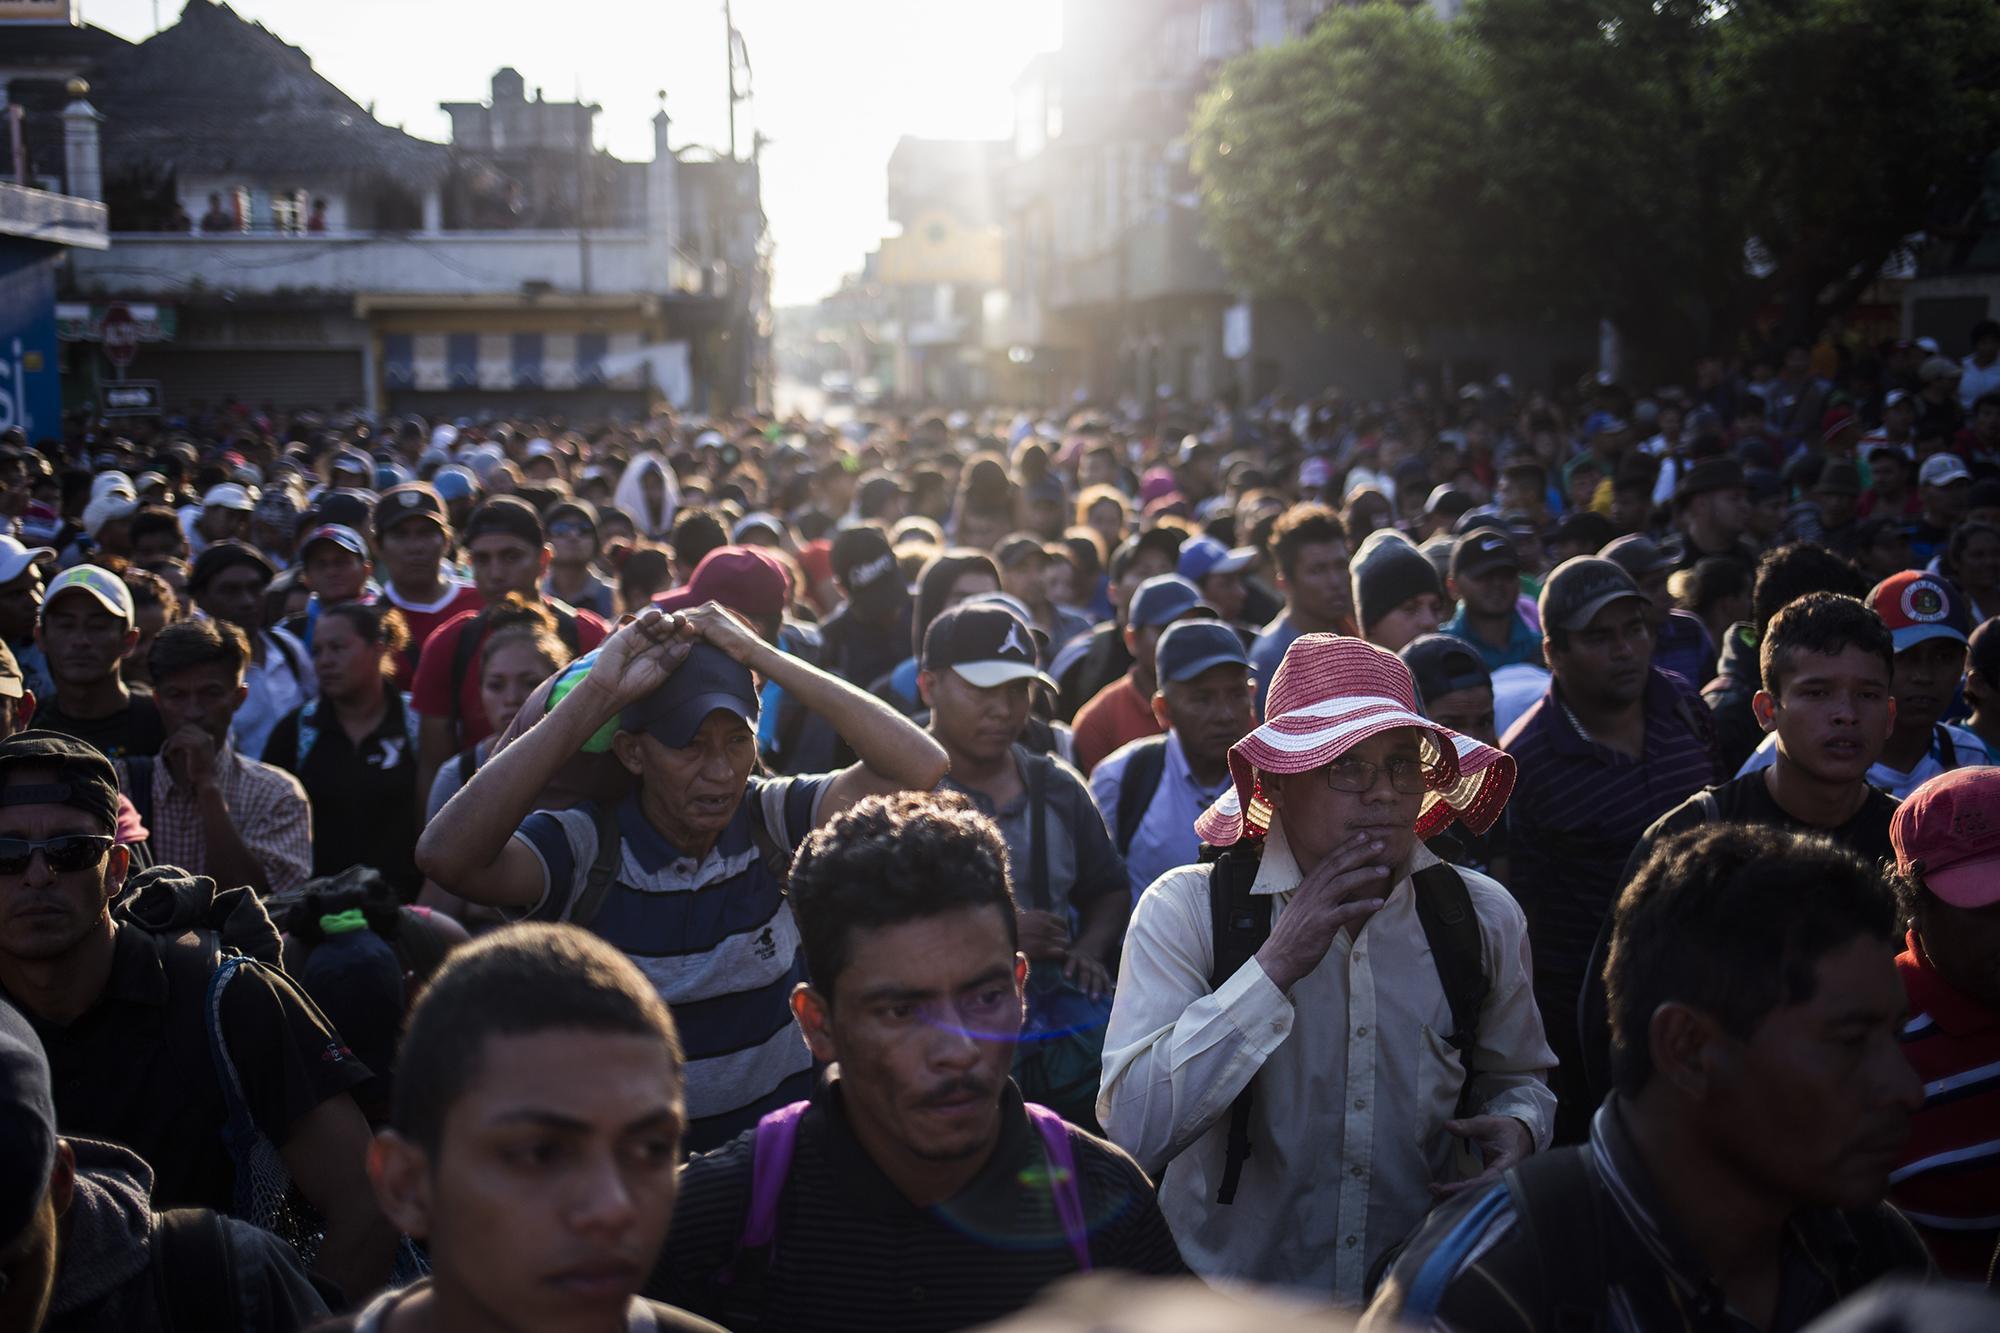 Una caravana de migrantes espera frente al portón de la aduana guatemalteca, en el paso de la frontera Tecún Umán. Más de 2 mil personas, procedentes de los países del Triángulo Norte de Centroamérica, llegaron a este lugar para cruzar a México y caminar hacia Estados Unidos. Foto: Víctor Peña.